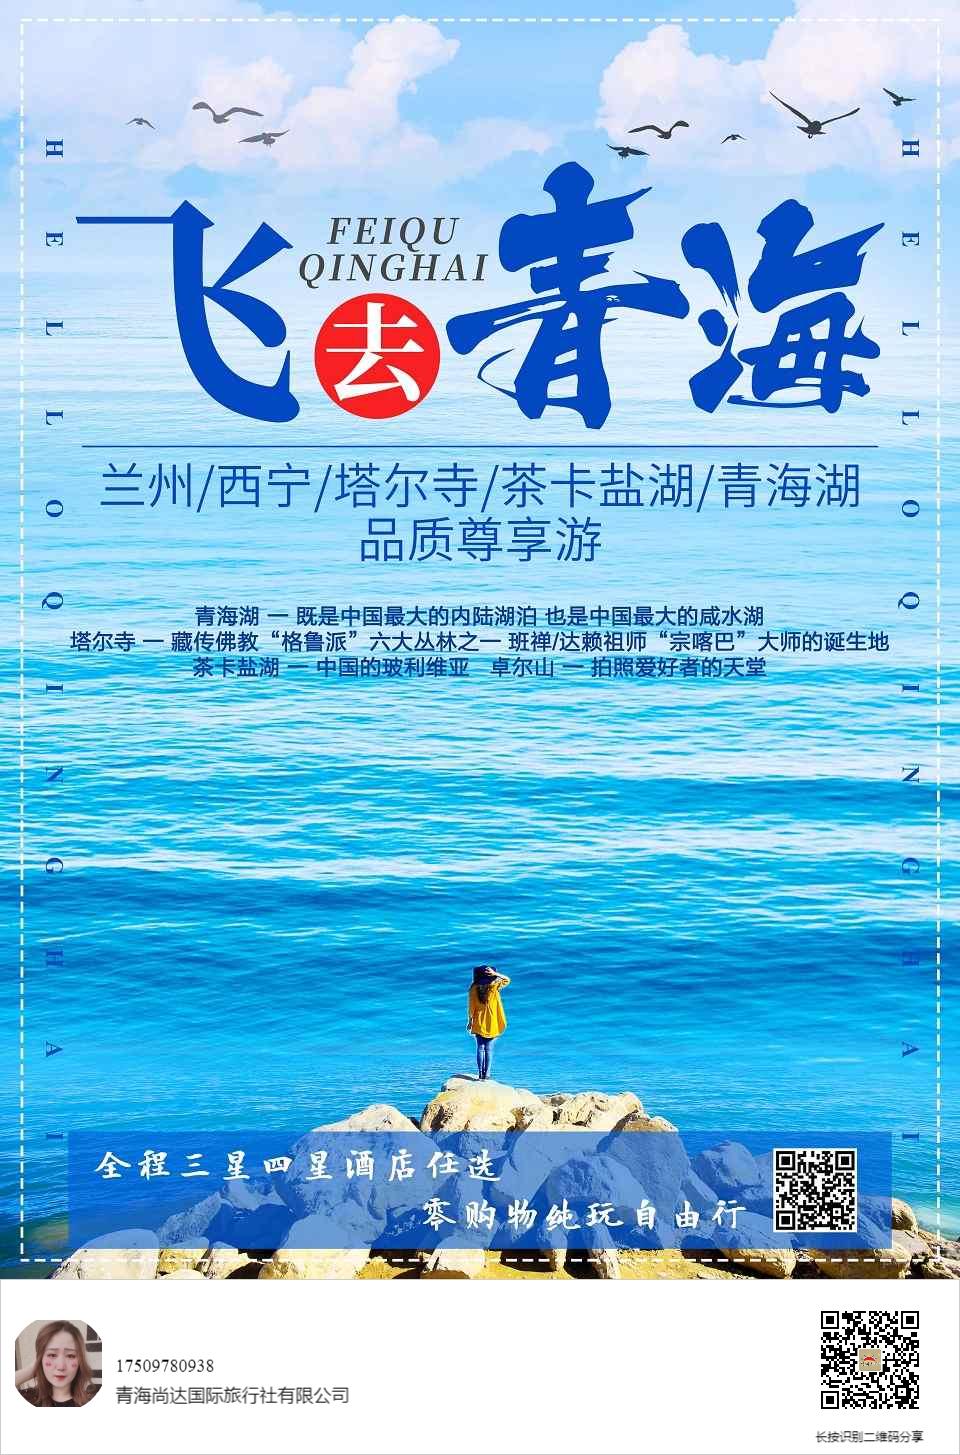 塔尔寺青海湖茶卡纯玩4天3晚